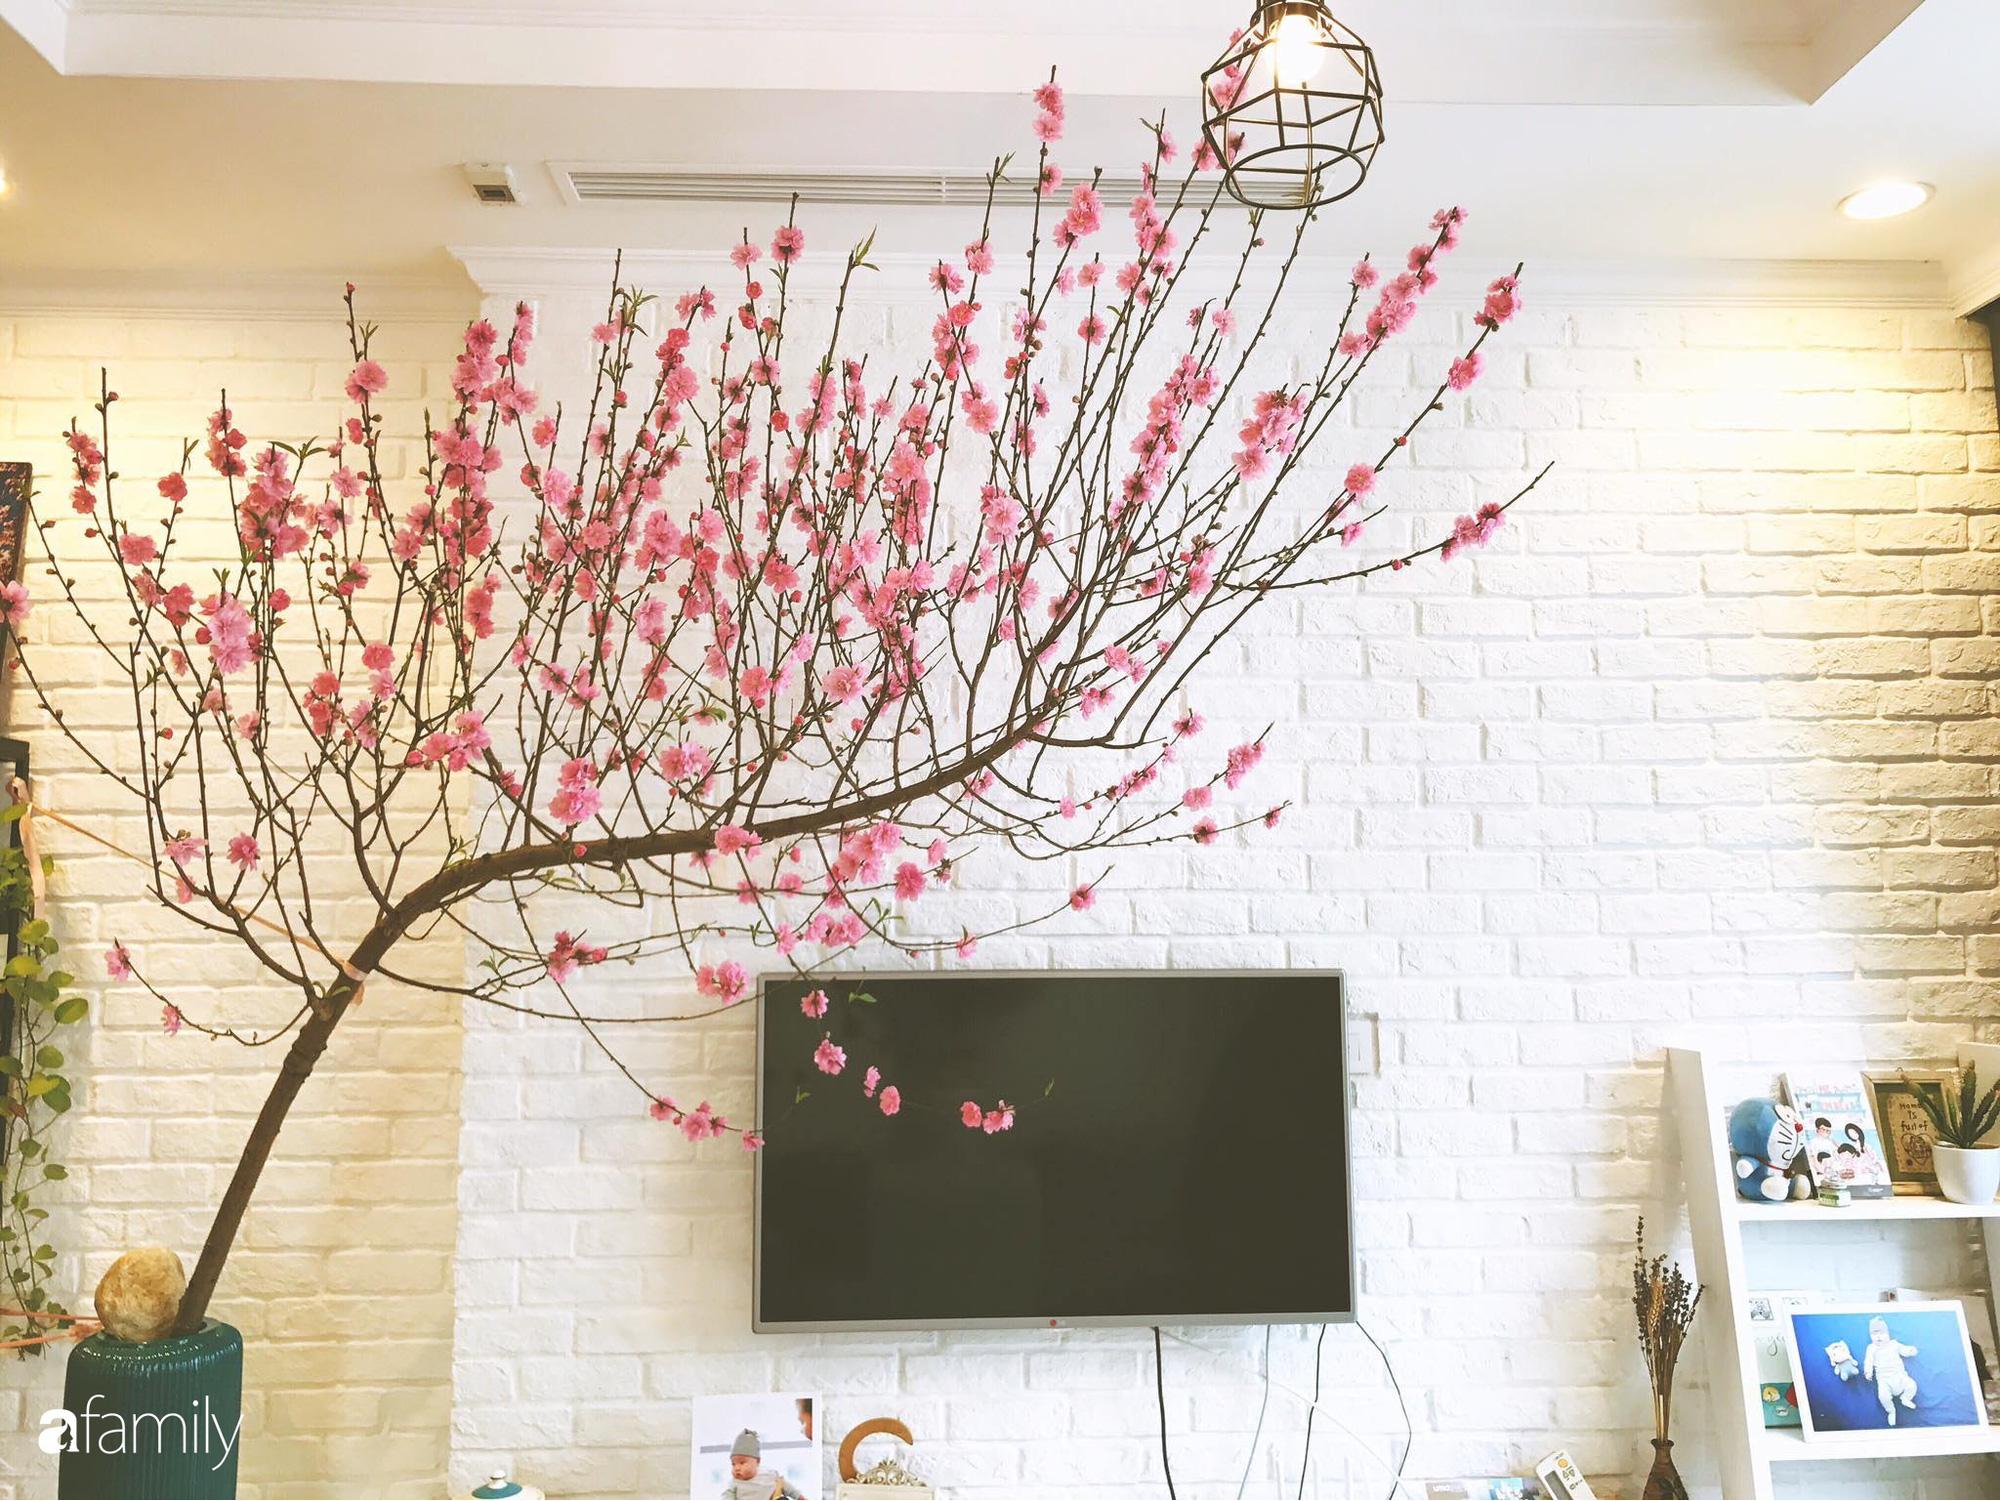 Căn hộ được trang trí tỉ mỉ, khéo léo giúp góc nào cũng đẹp ấm cúng và bình yên ở Hà Nội - Ảnh 3.